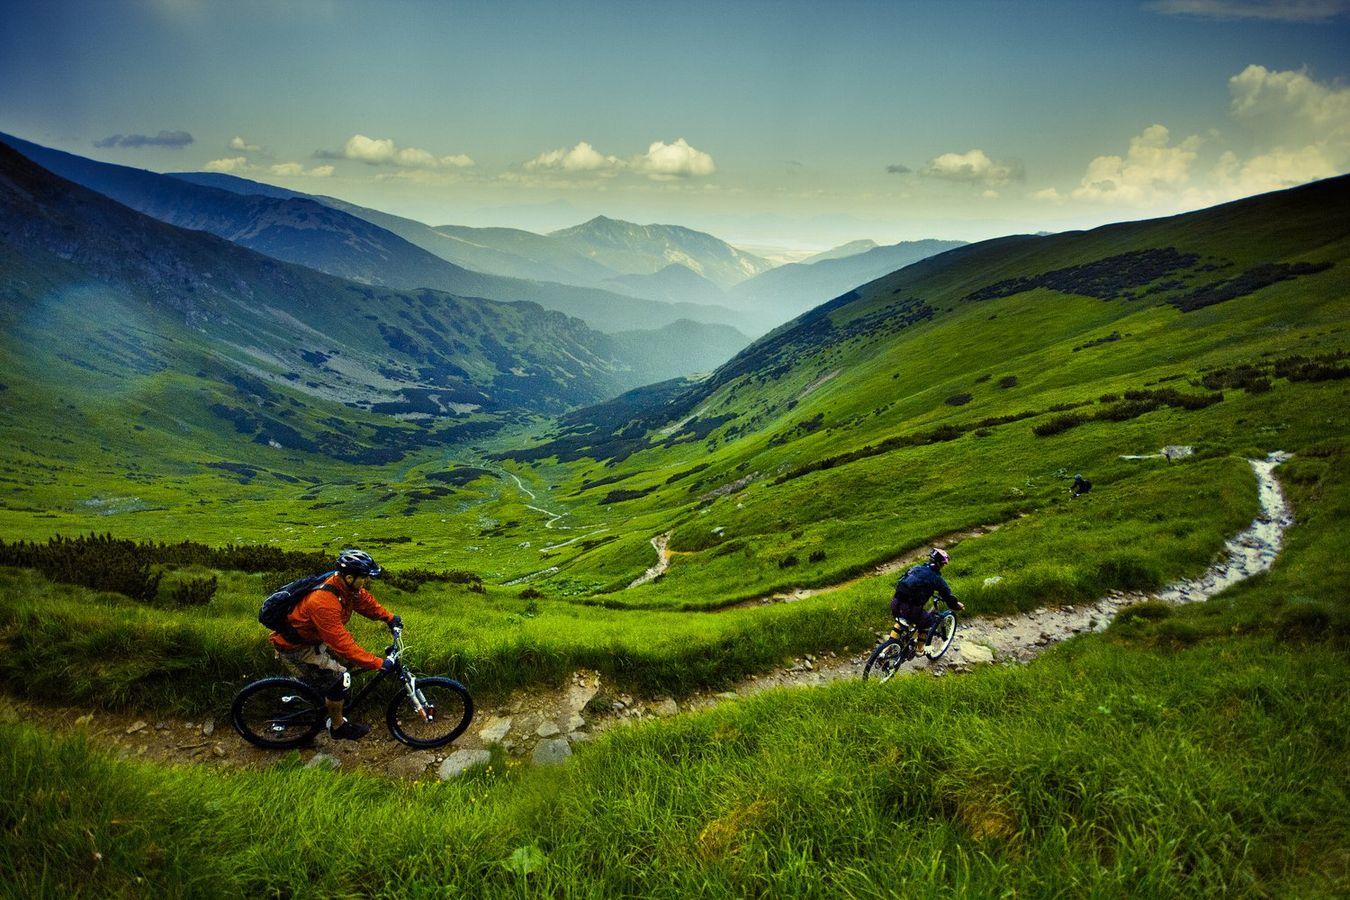 10 outdoor activities to do in Liptov region